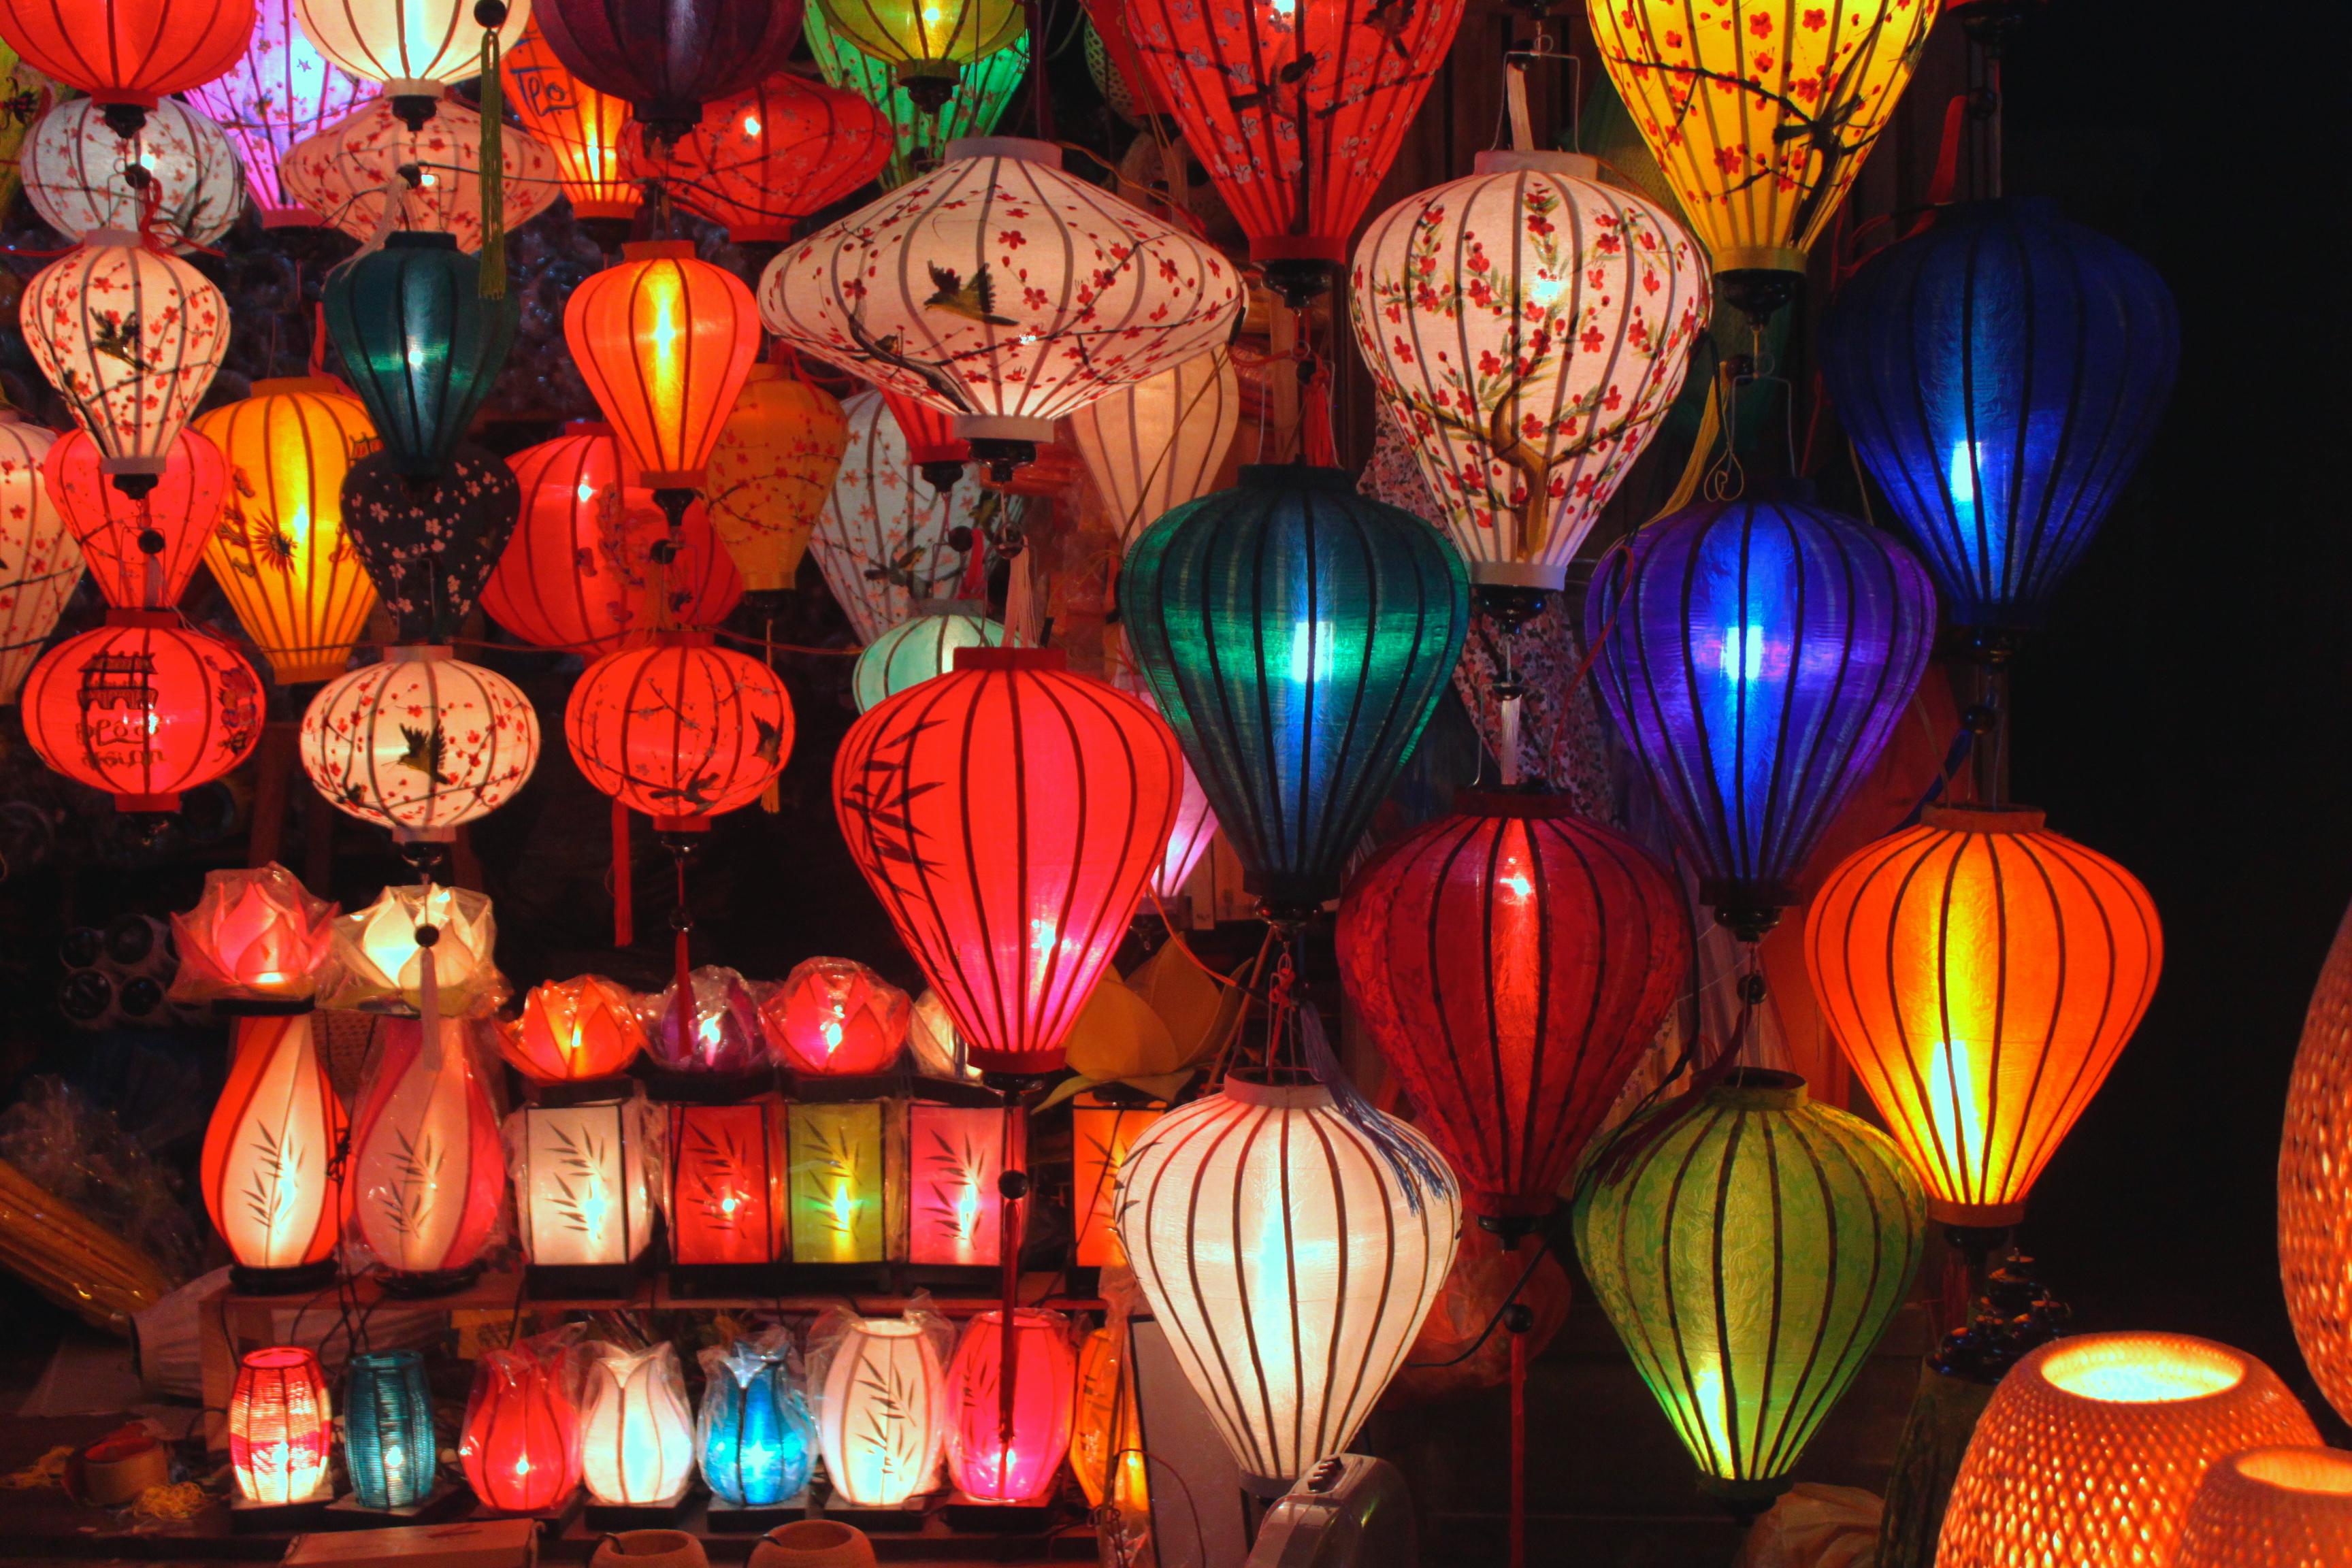 Le lanterne di Hoi An, solo un pezzettino piccolo della bellezza di questa città